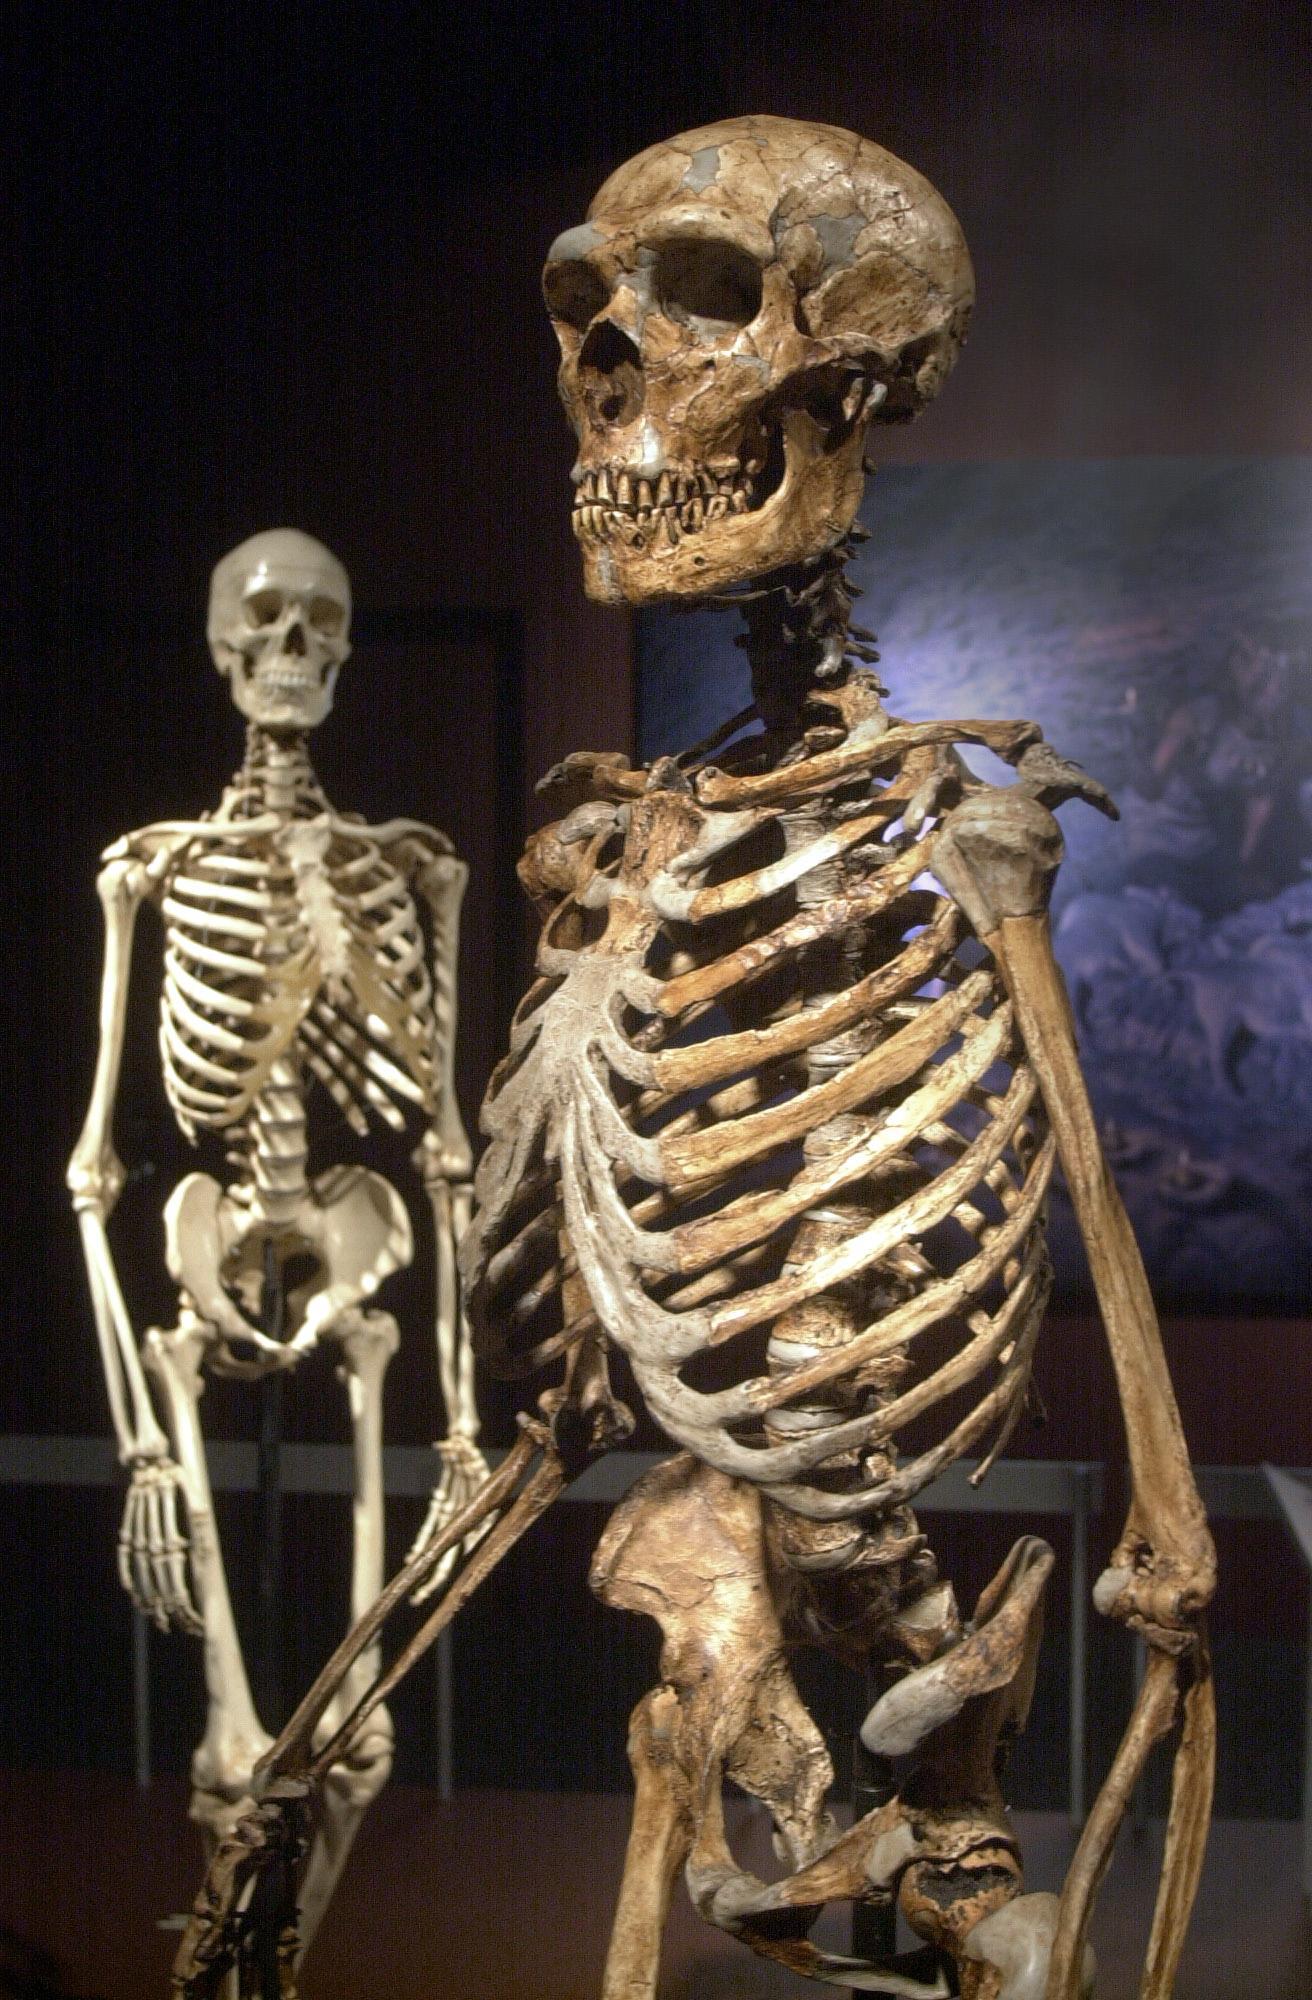 Skelett av neandertalmänniska, i förgrunden, och modern människa, i bakgrunden. De två arterna samexisterade i Europa under en period av 5000 år.